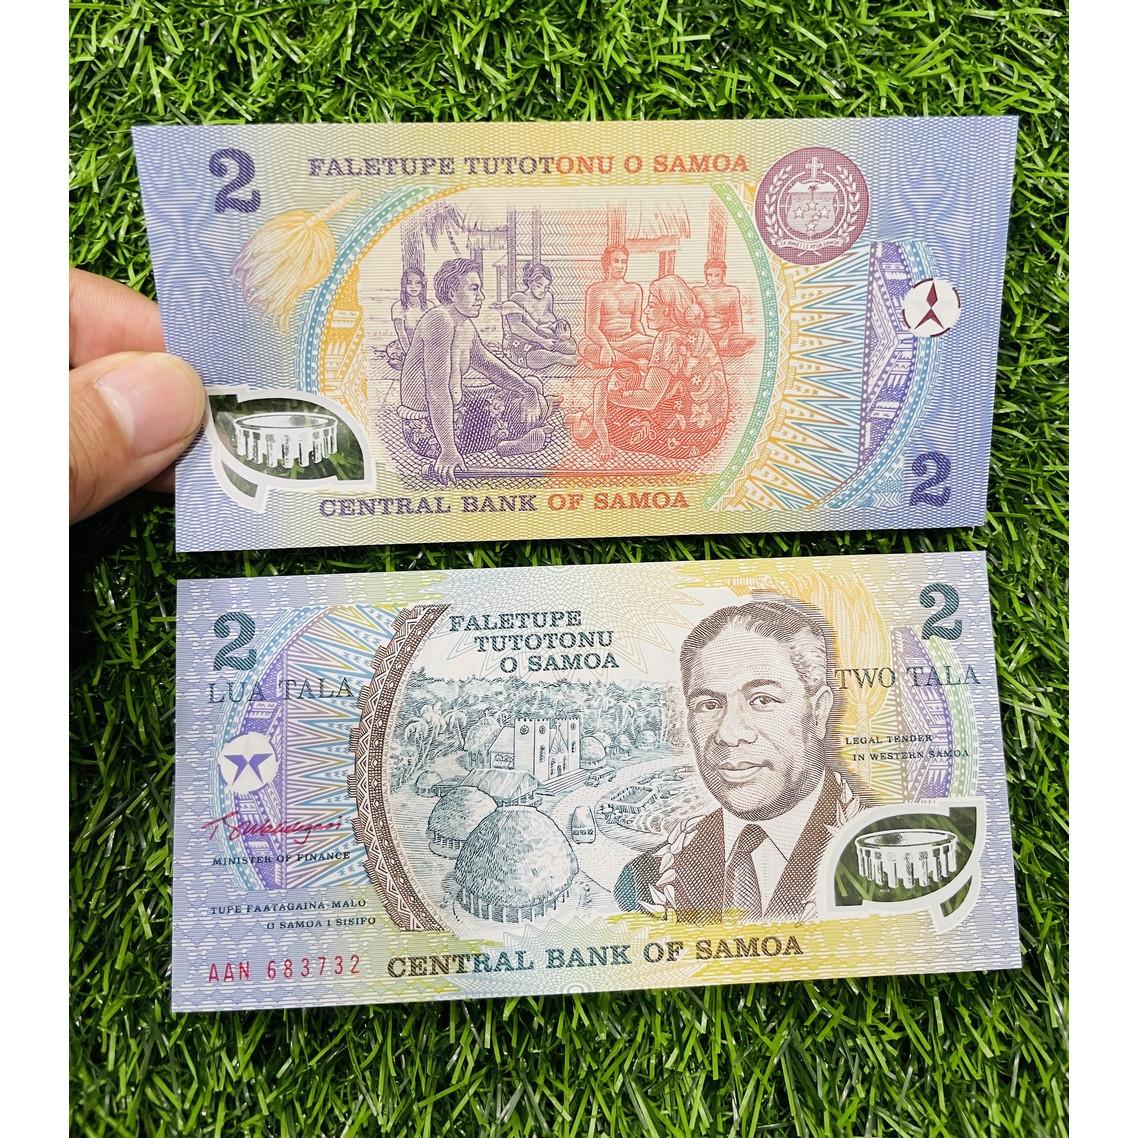 Tiền Samoa 2 Dollar, chất liệu polyme, sưu tầm tiền xưa đảo quốc Thái Bình Dương, mới 100% UNC, tặng túi nilon bảo quản